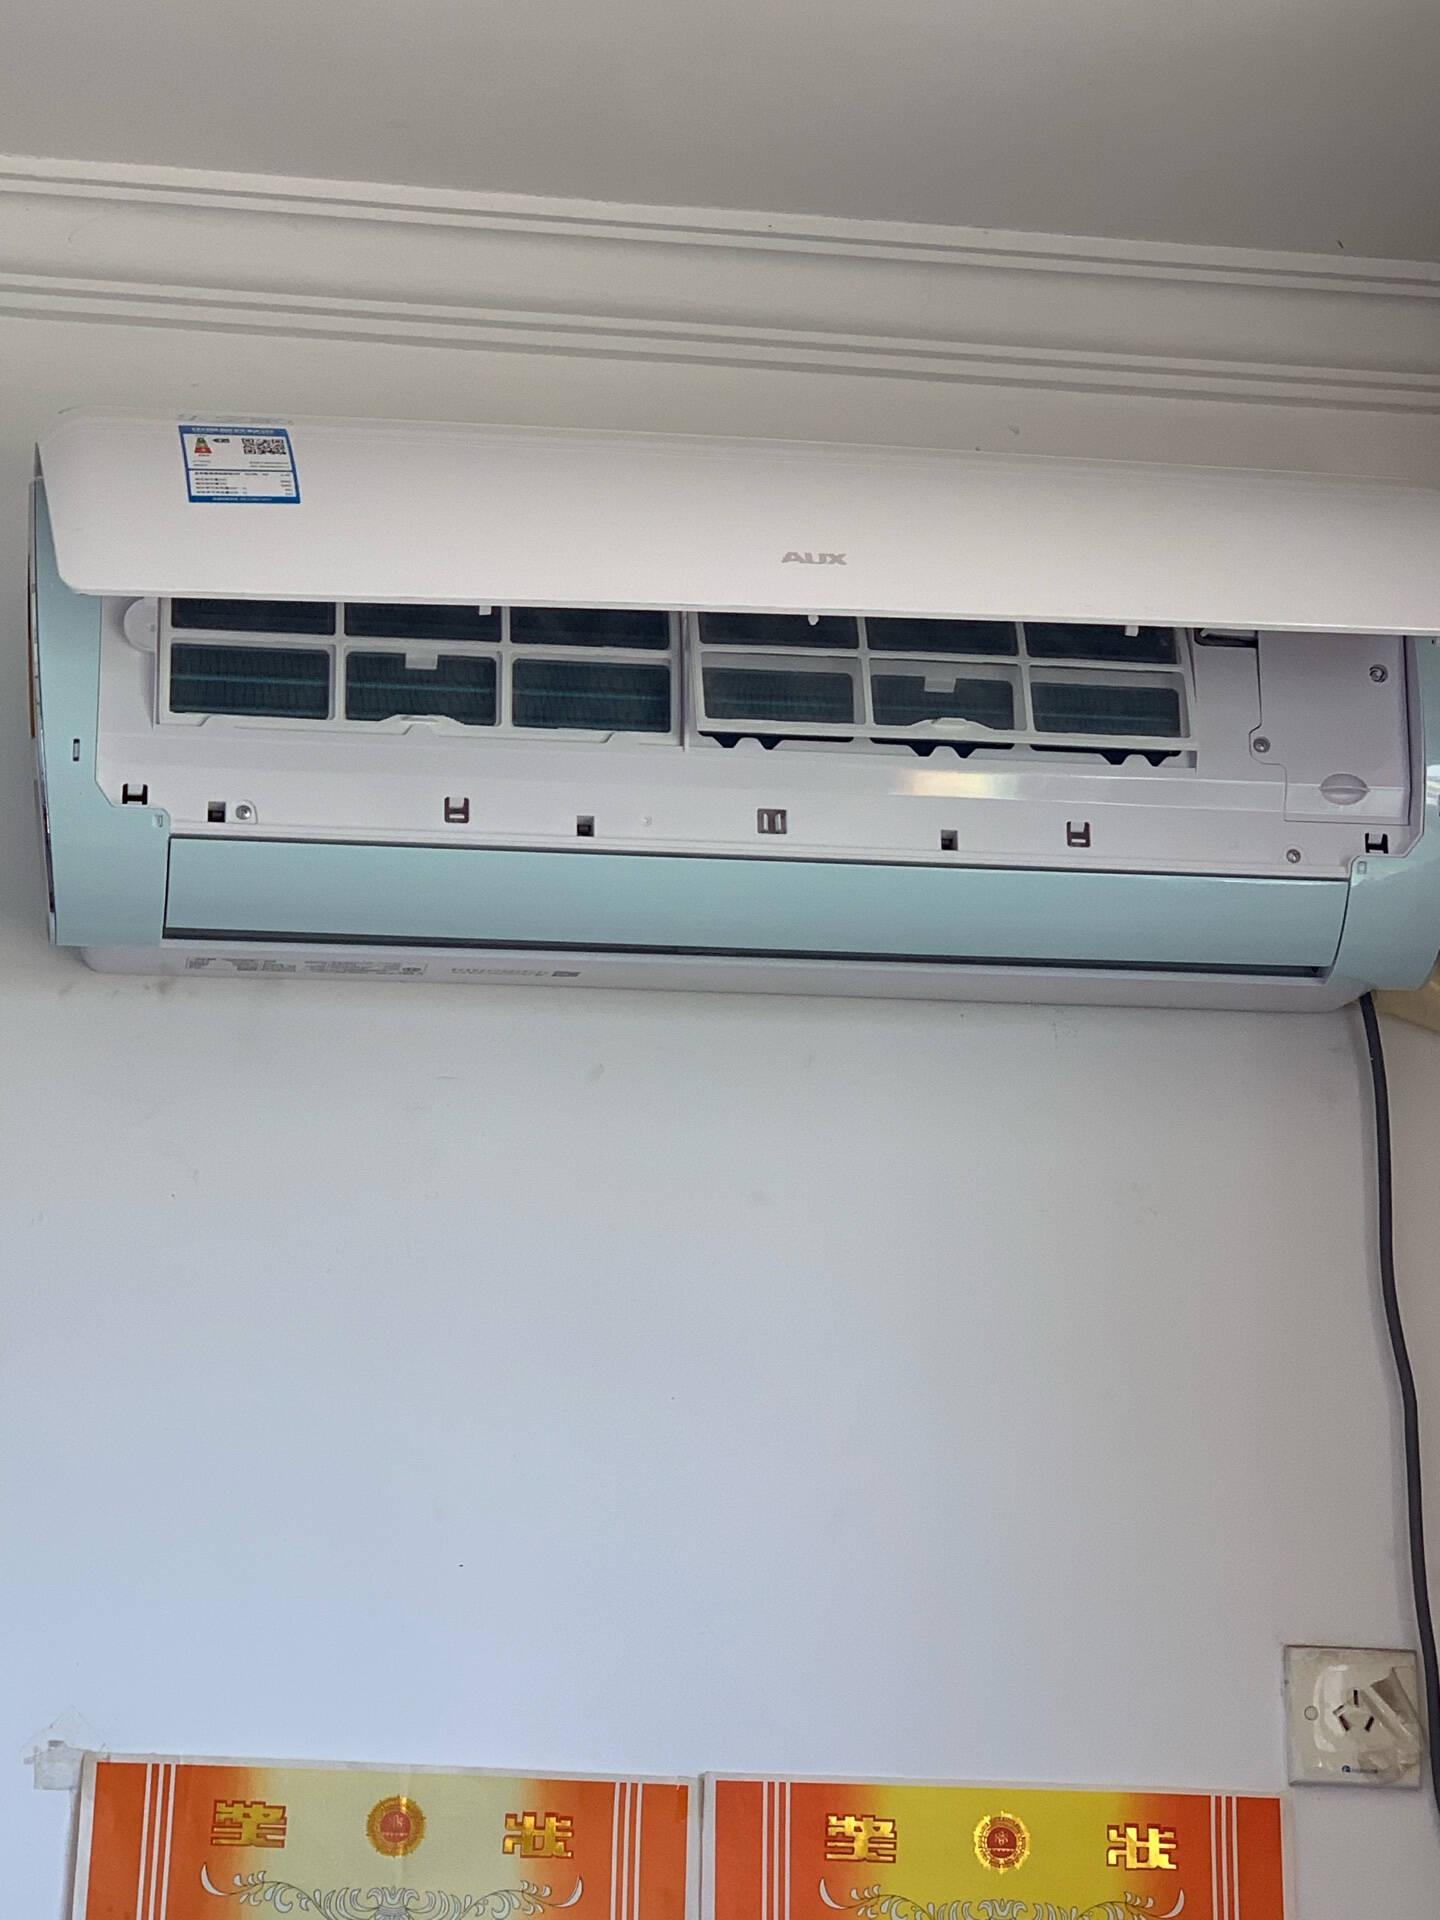 奥克斯(AUX)大1匹京裕Ⅱ全新升级新一级能效30秒快速制冷京品家电壁挂式空调挂机KFR-26GW/BpR3AQE1(B1)